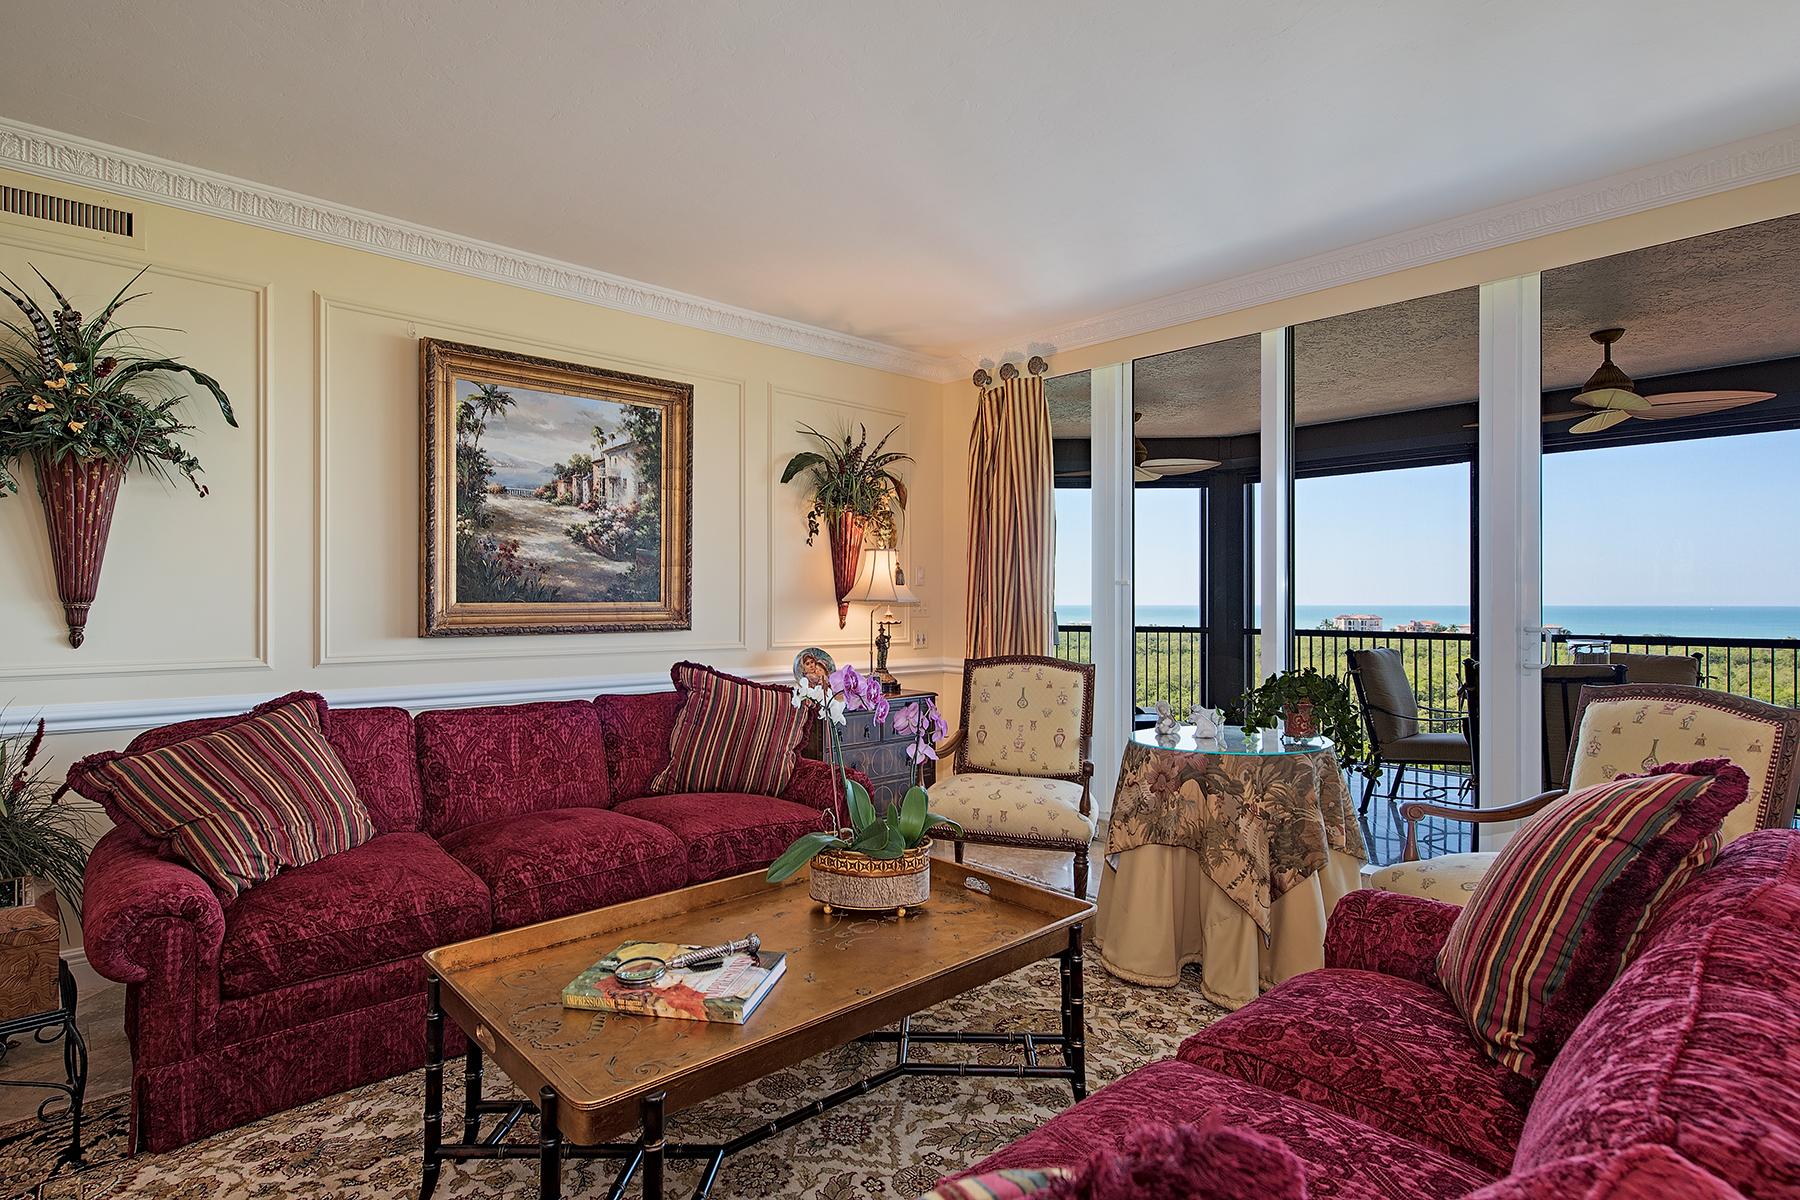 Condominium for Sale at PELICAN BAY - MONTENERO 7575 Pelican Bay Blvd 803 Naples, Florida, 34108 United States